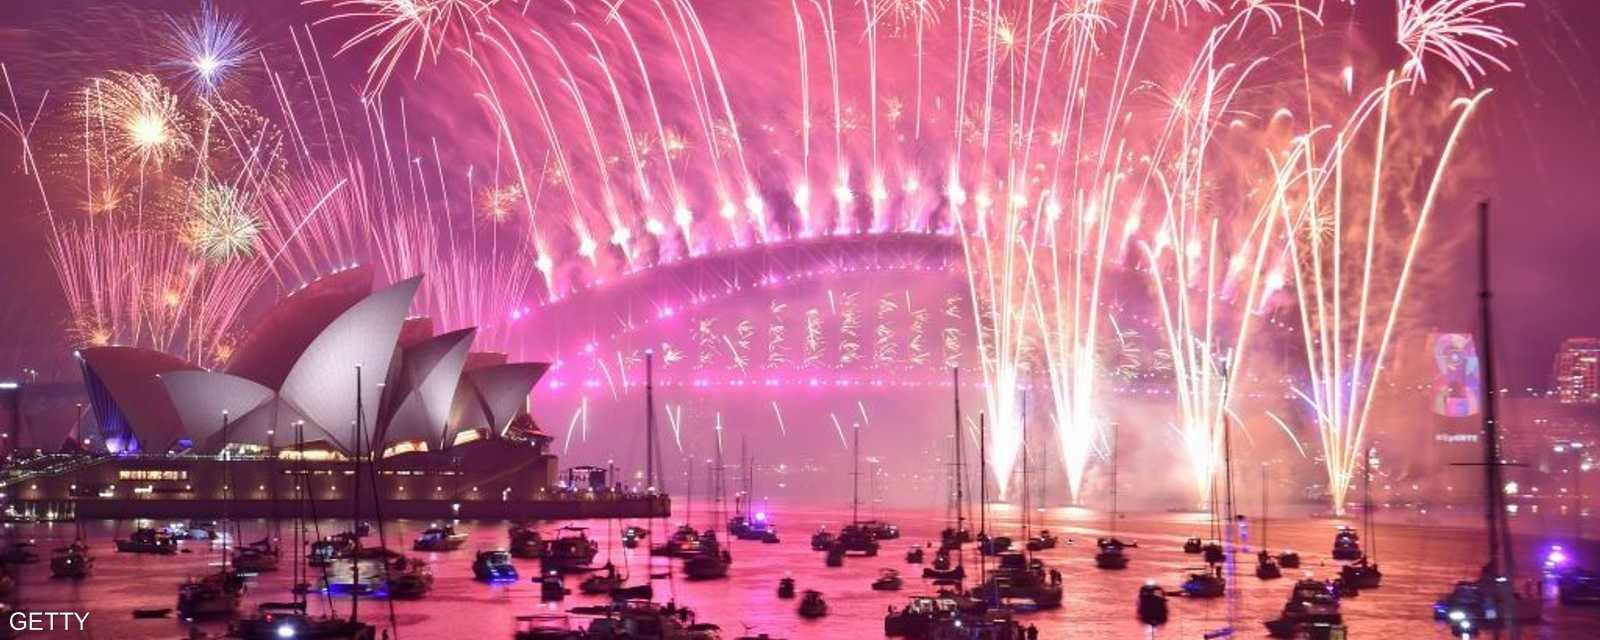 مشهد خلاب للألعاب النارية ويخوت المحتفلين في سيدني بأستراليا